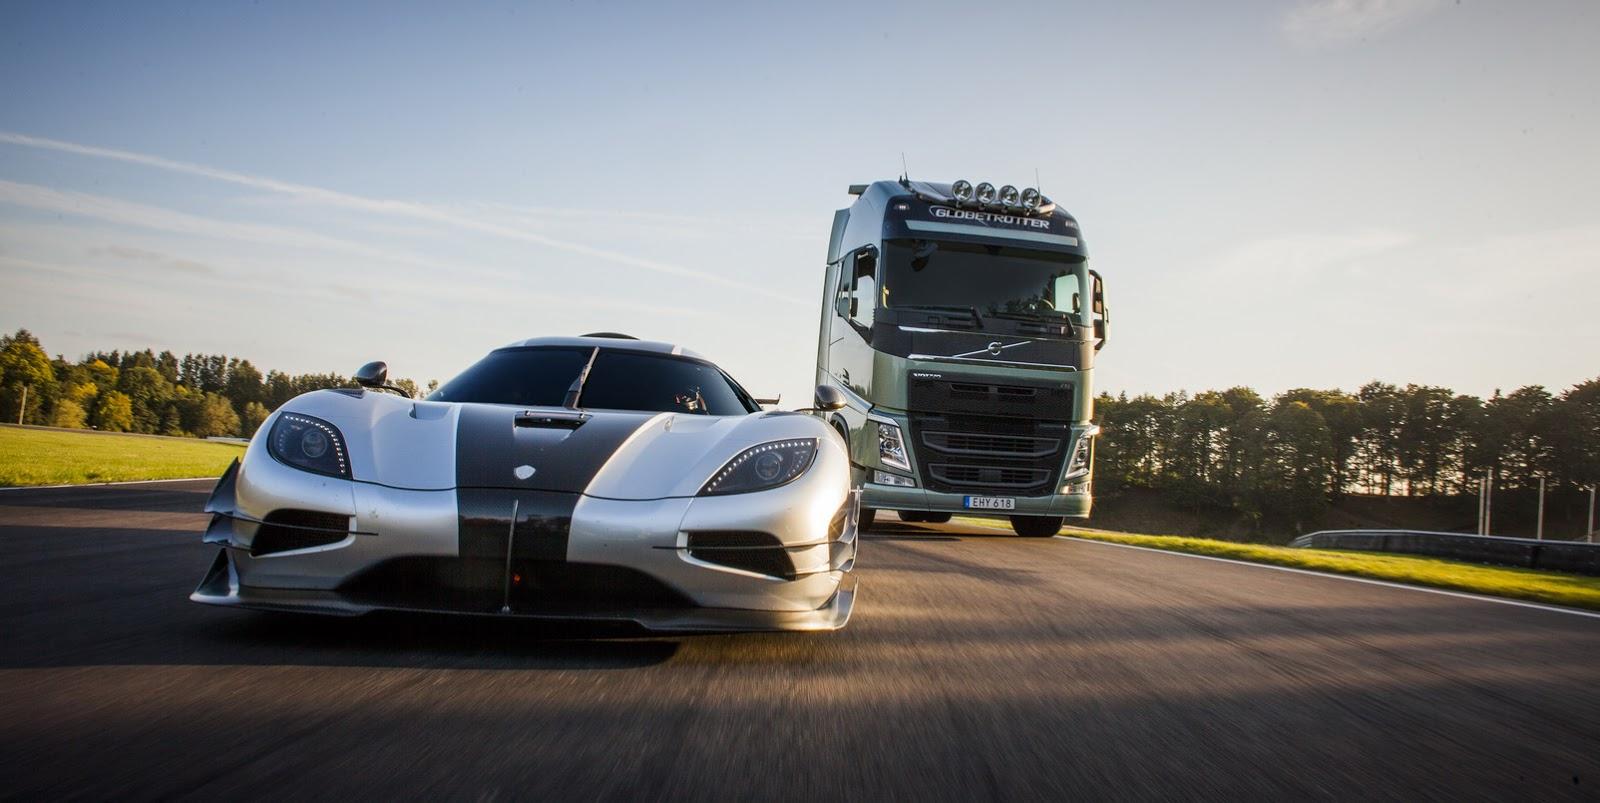 Volvo Trucks contra un Koenisegg One, ya sabemos el resultado